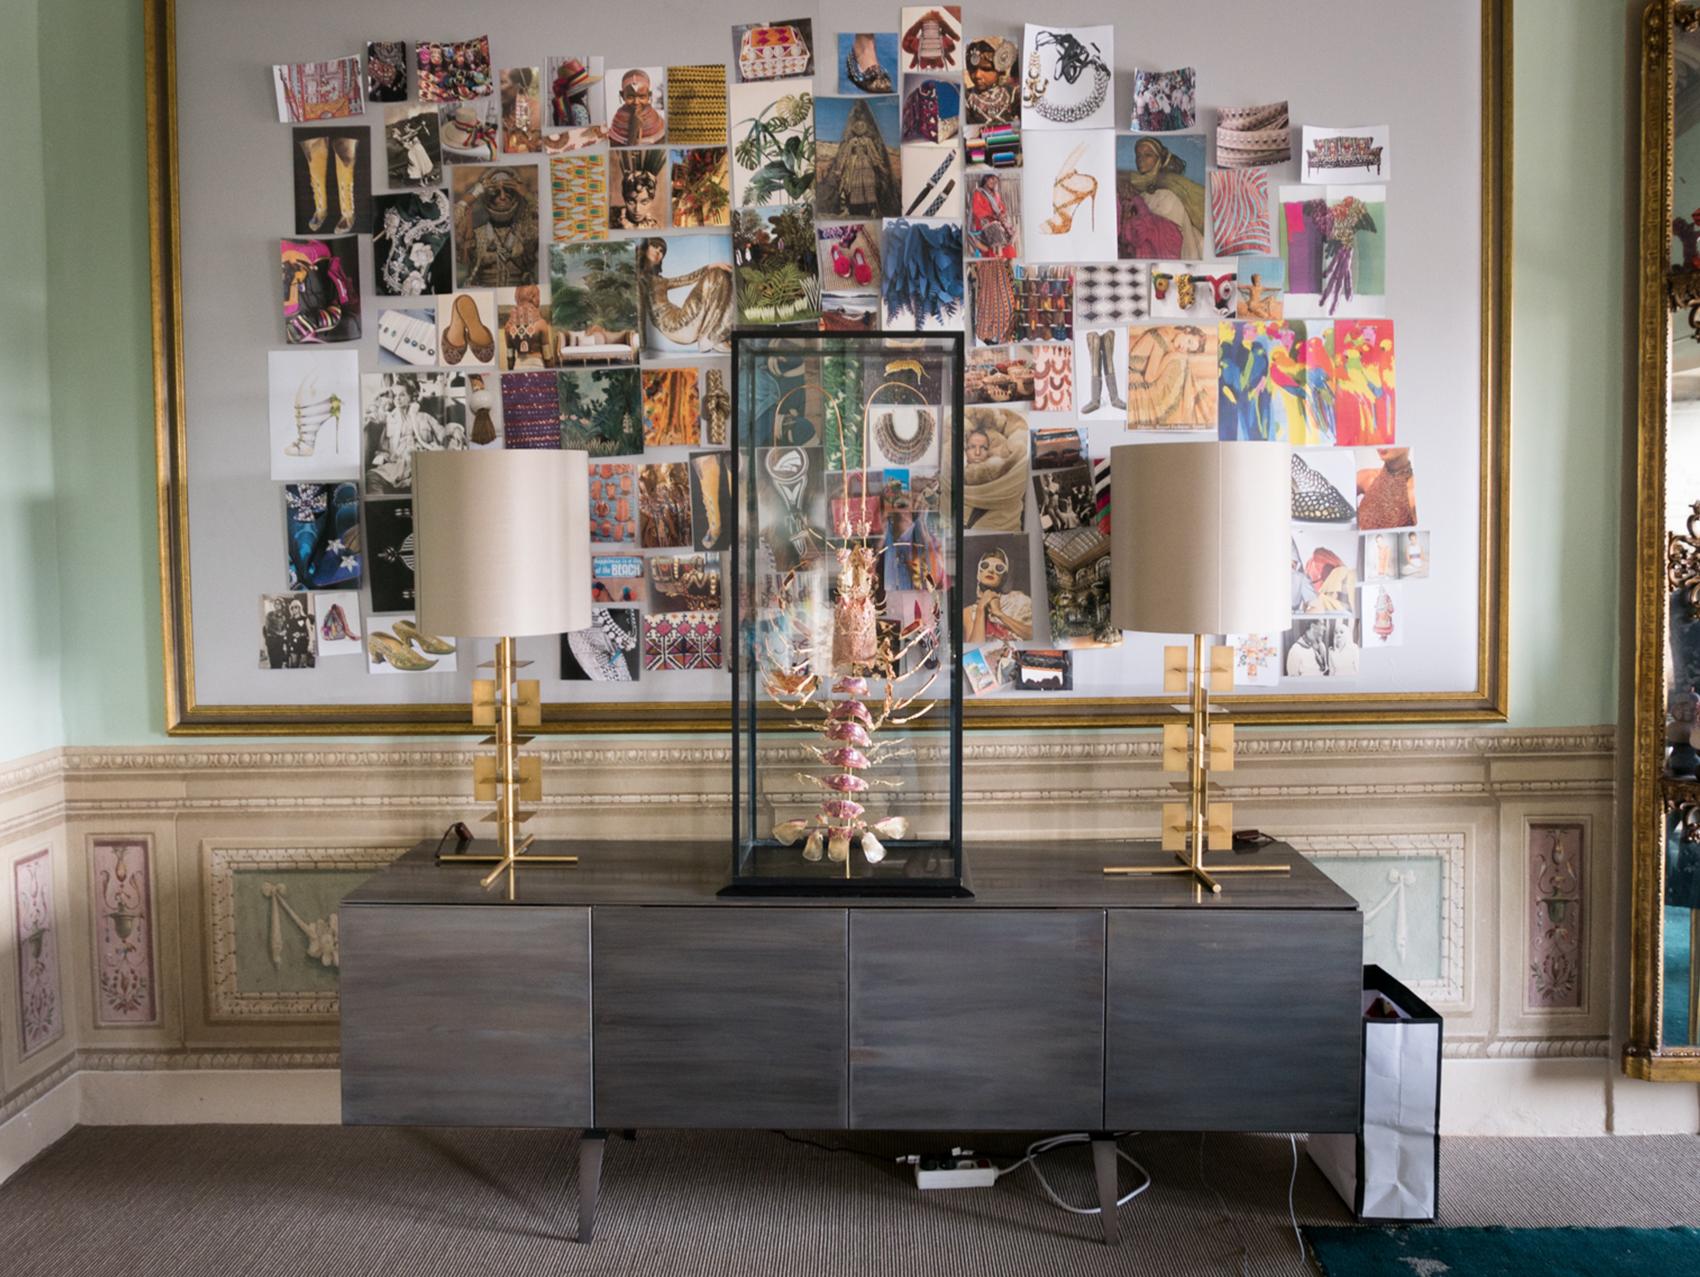 Edgardo's office decor